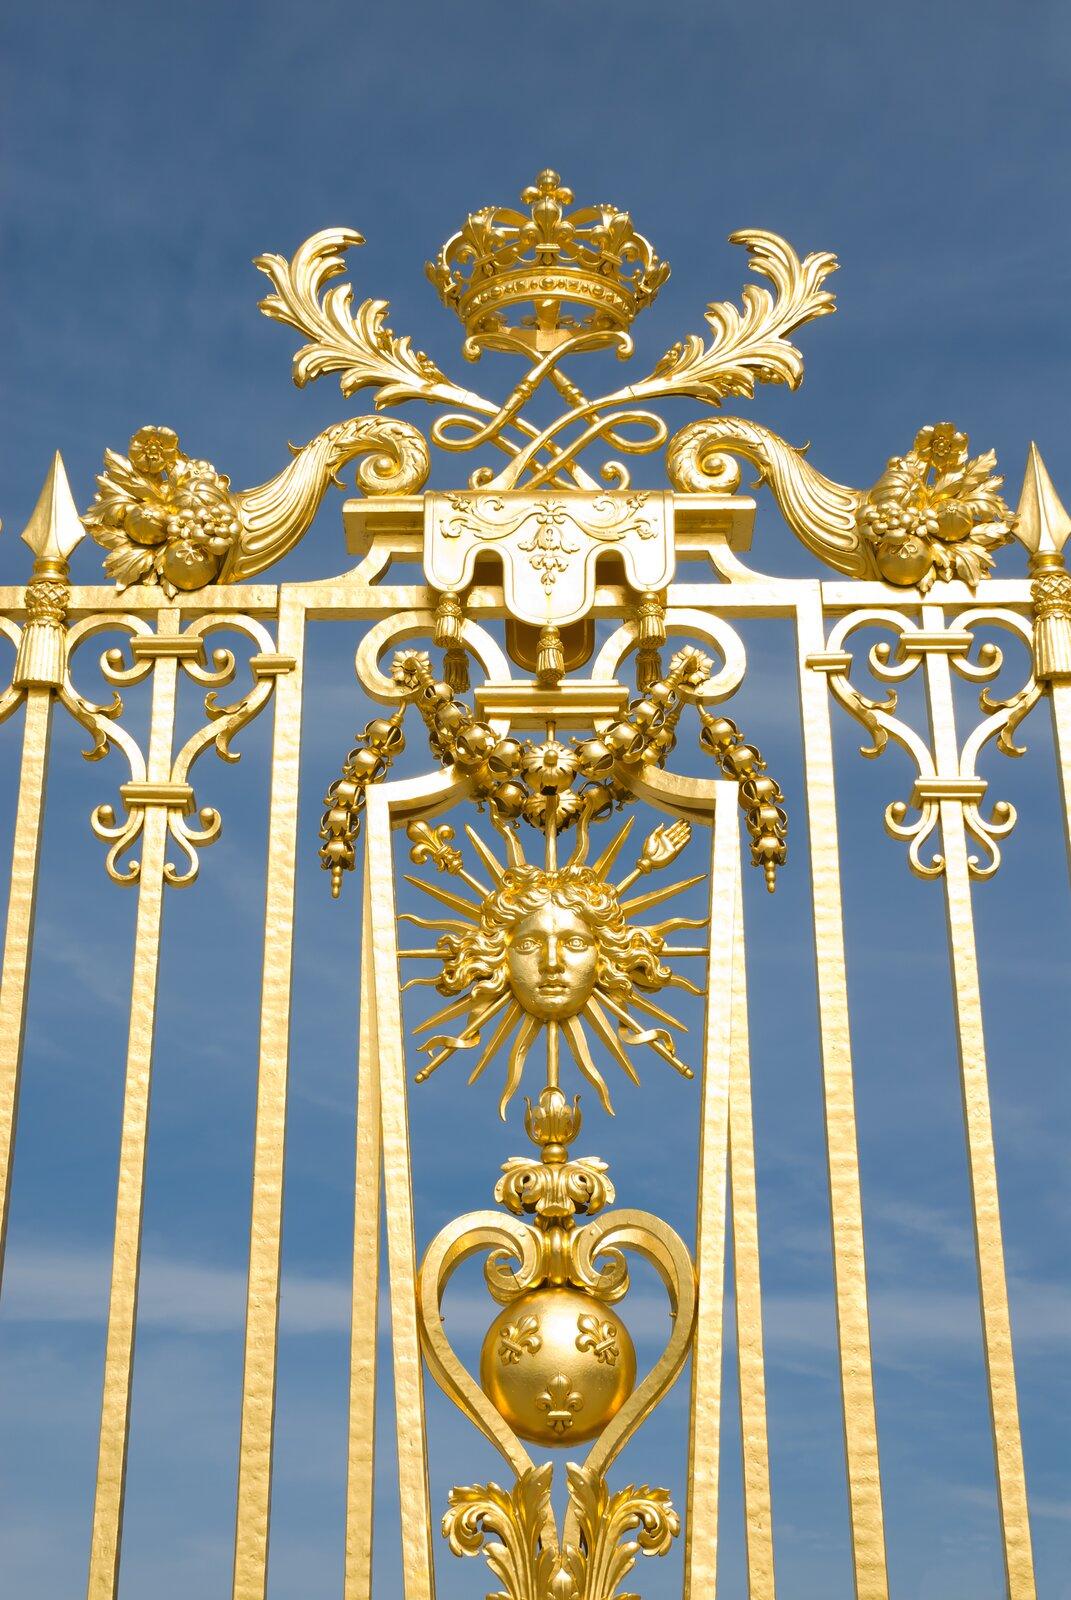 Ilustracja przedstawia bramę Pałacu Królewskiego wWersalu. Jest to złote ibogato zdobione przęsło. Na samym szczycie znajduje się korona.